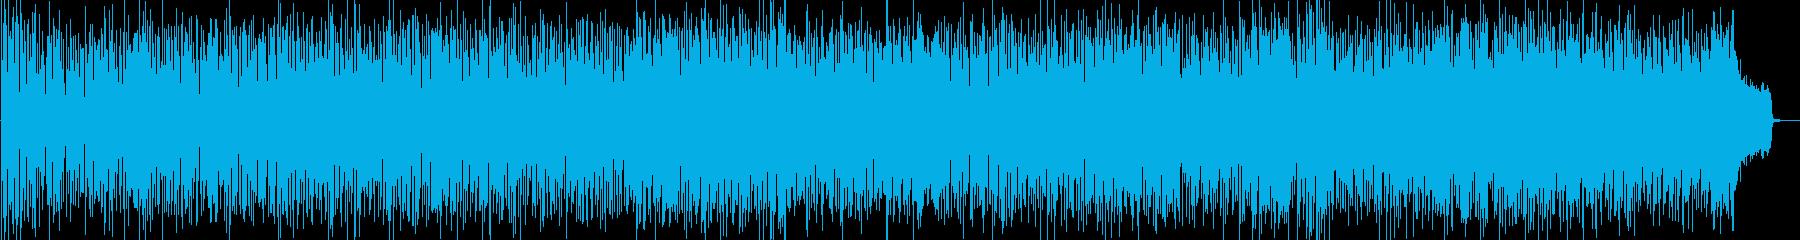 夏を感じるラテン系BGMの再生済みの波形